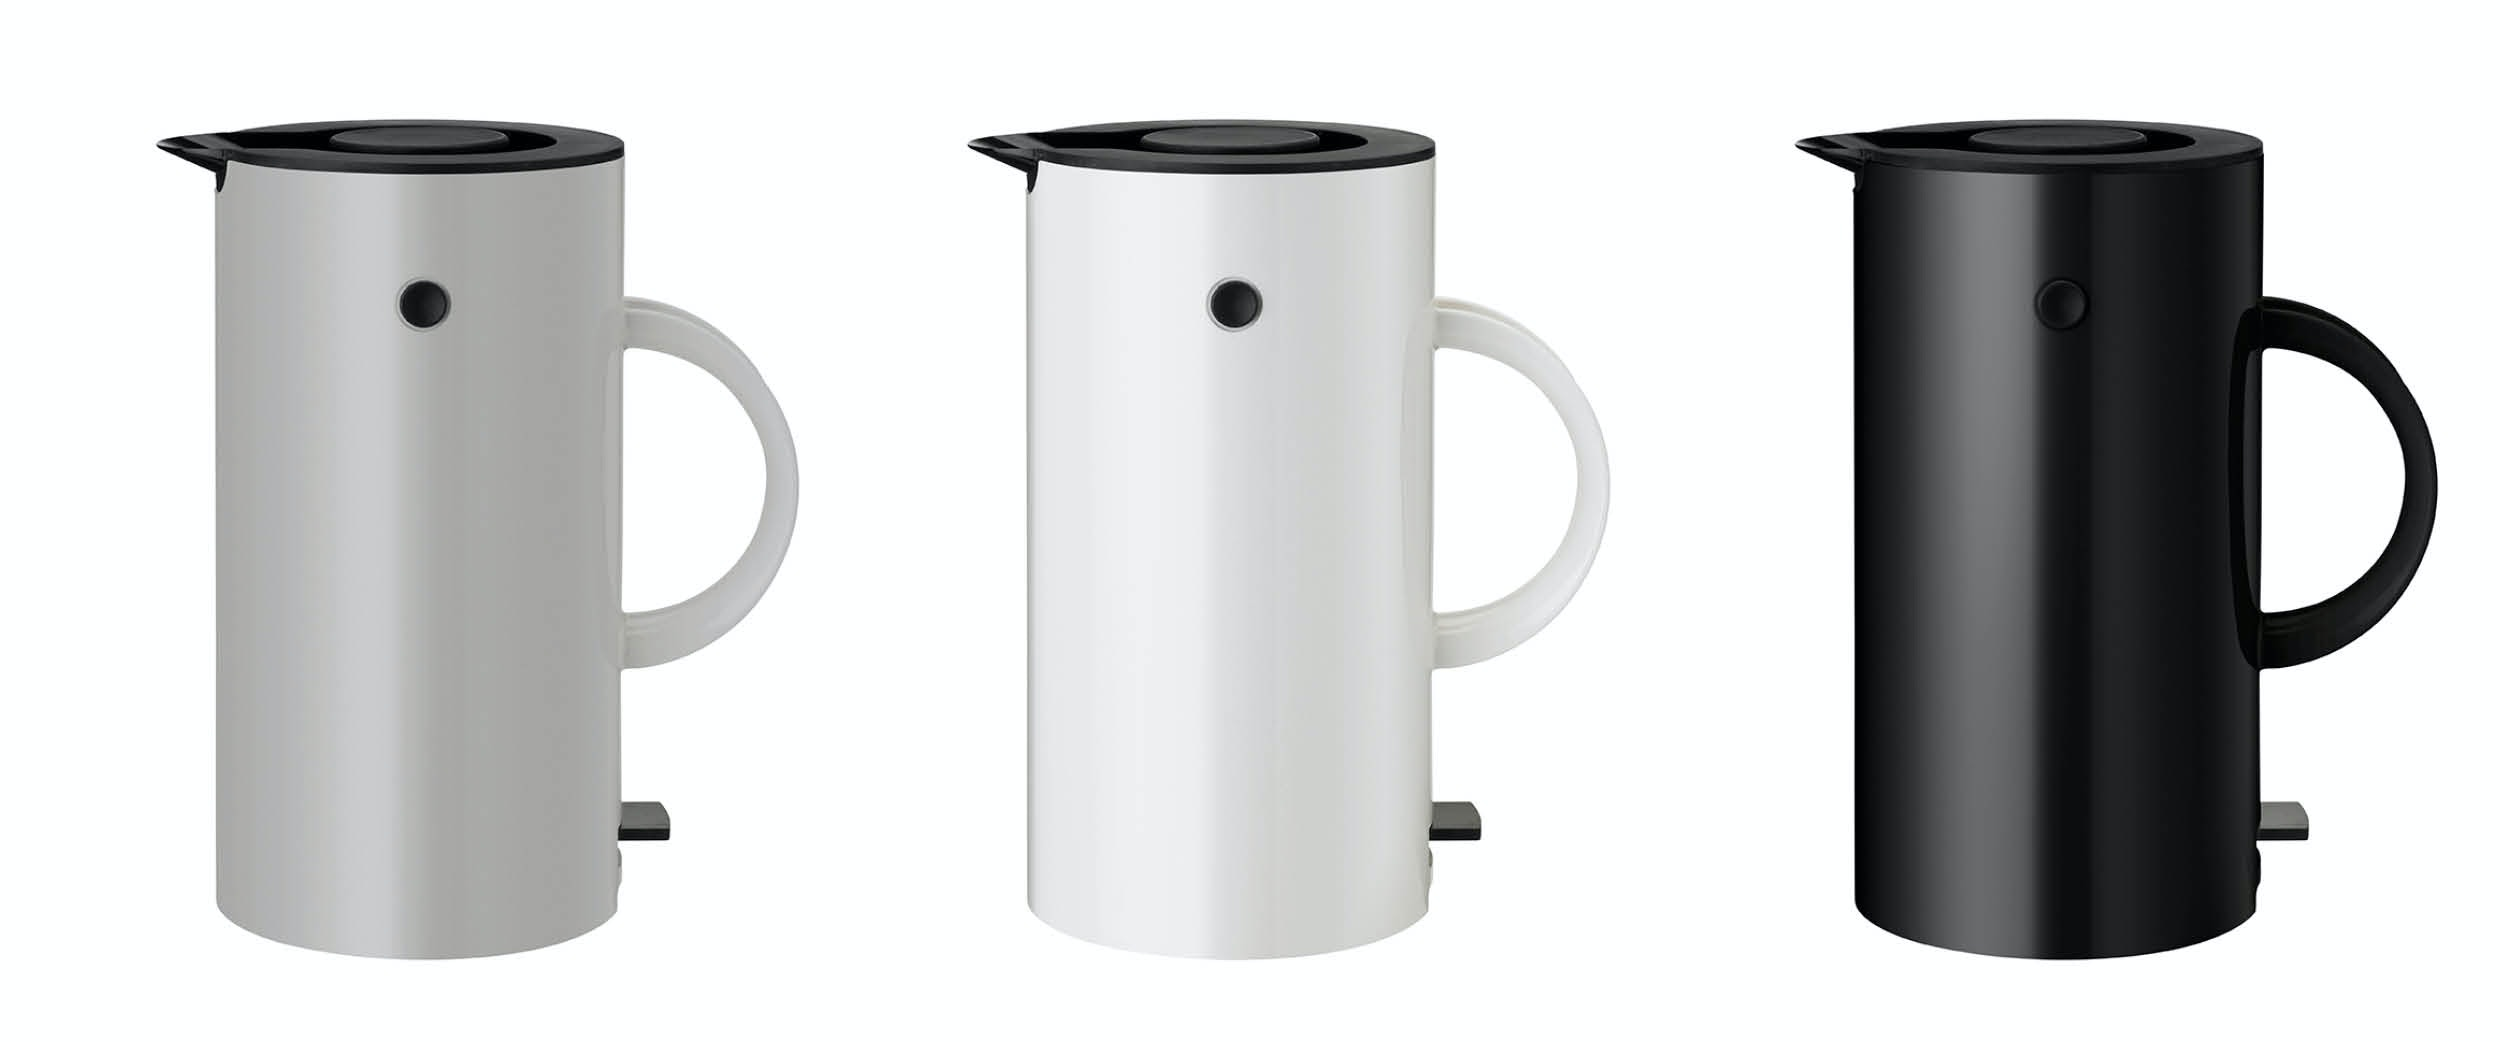 Stelton EM77 elkedel i grå, hvid og sort